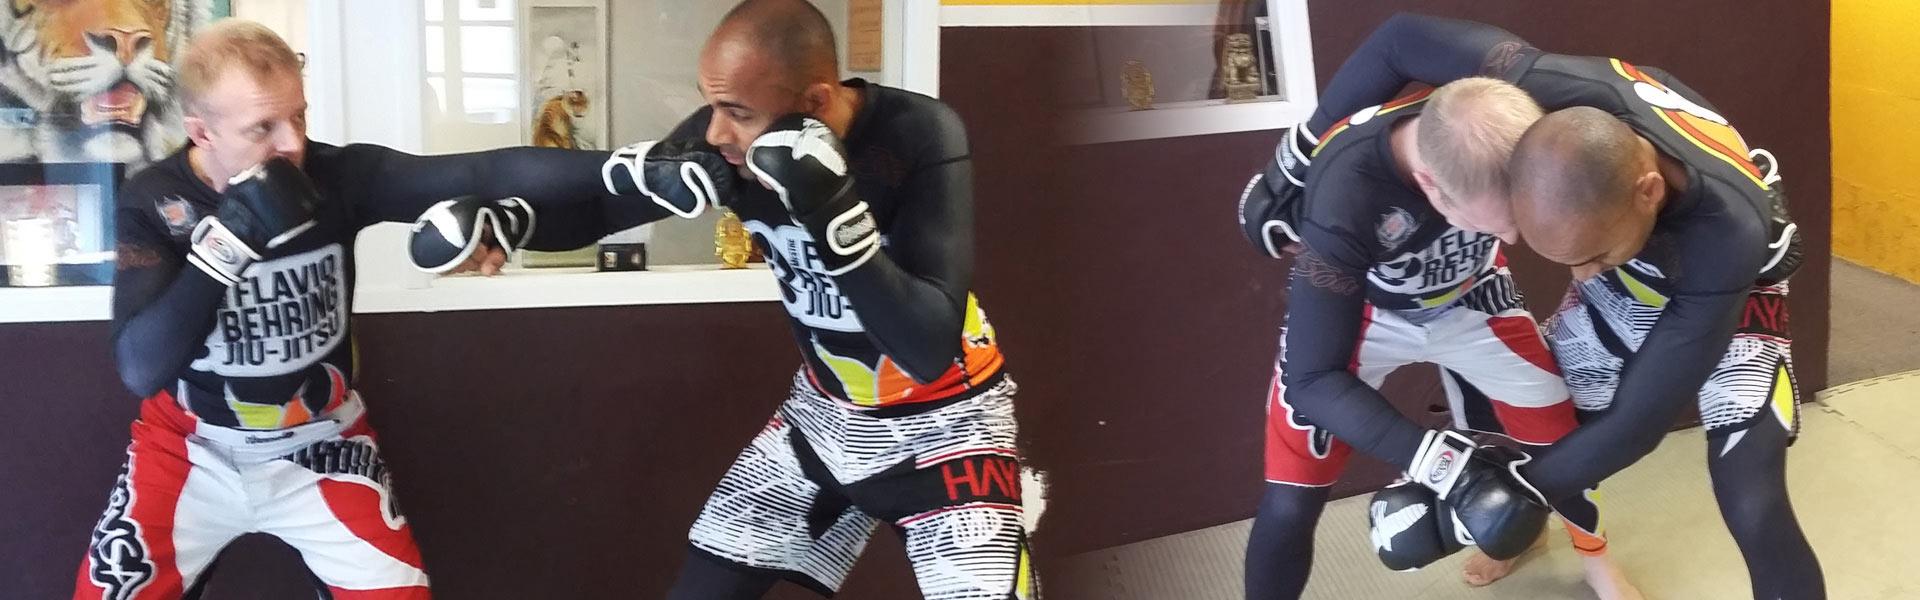 Brian Berggren og Michael Nielsen træner FLOW som er et ny moderne MMA stil, hvor der også trænes gulvkamp